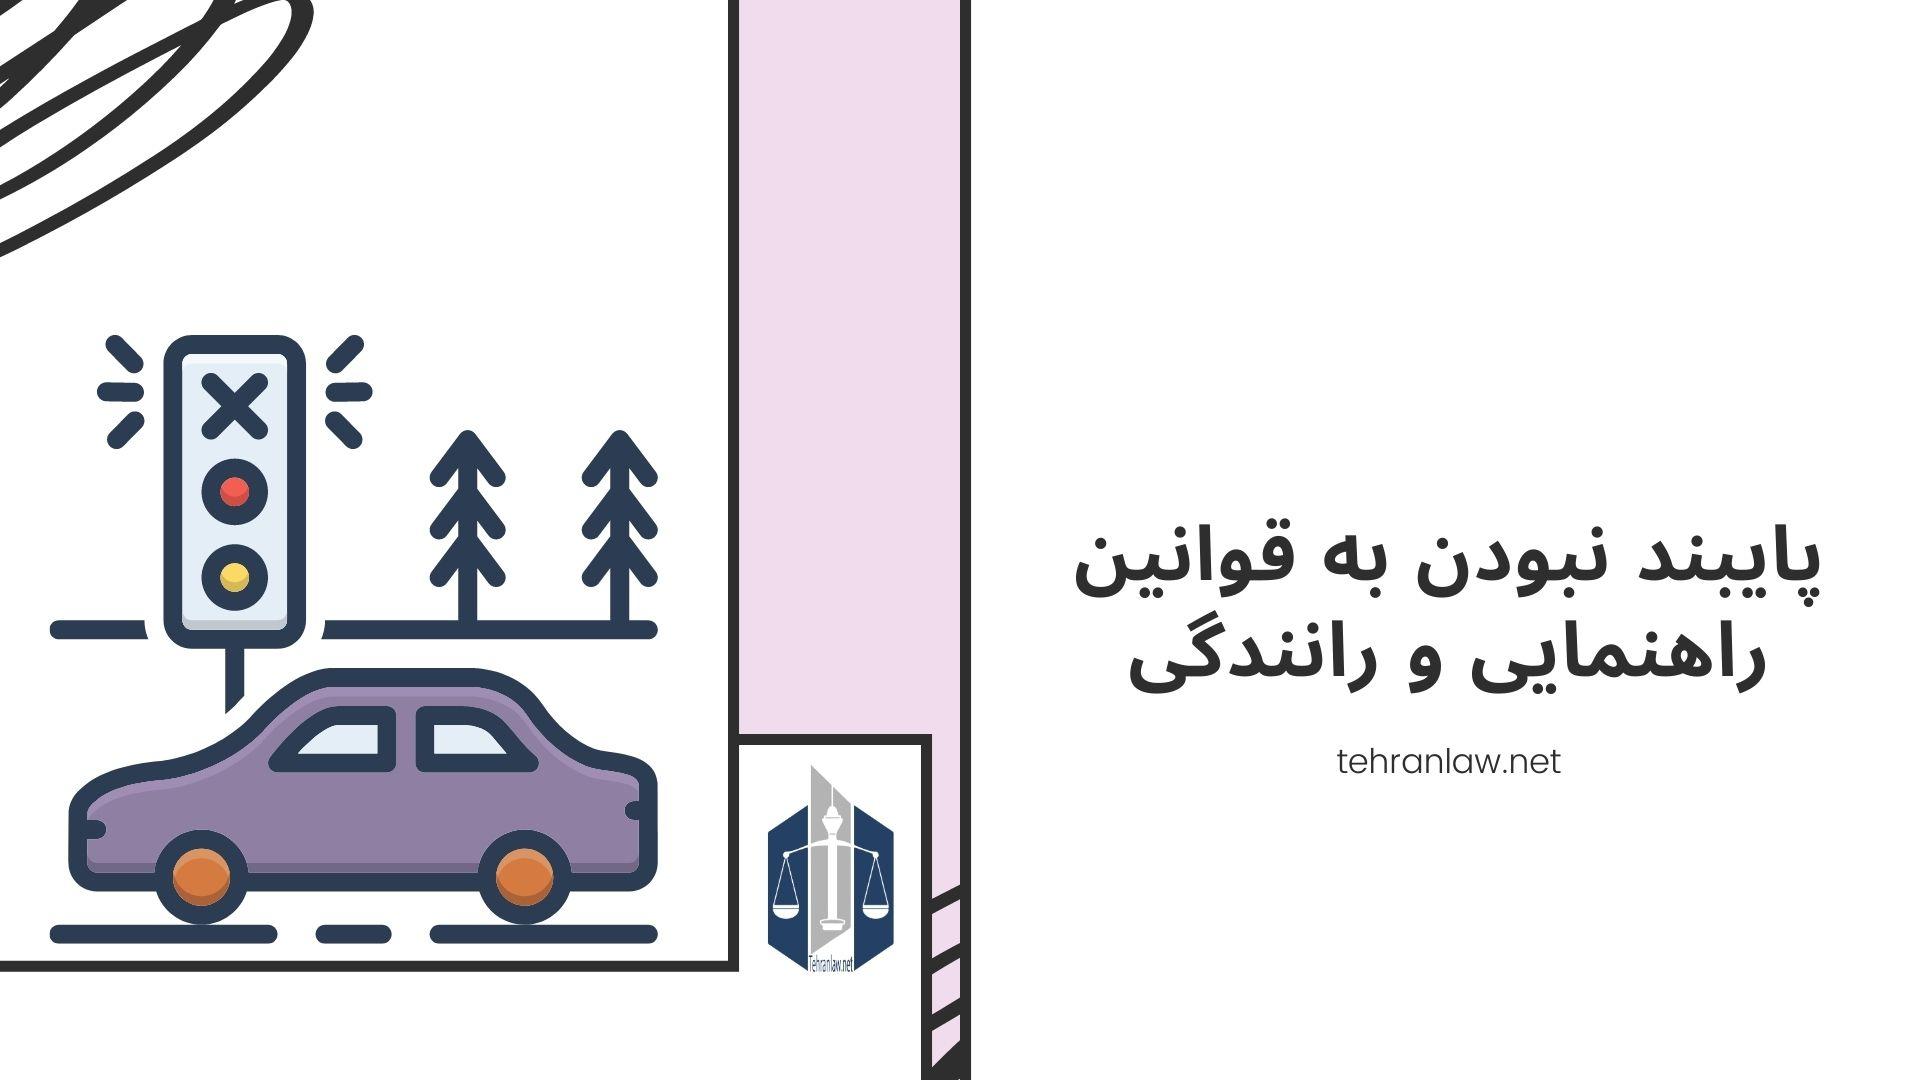 پایبند نبودن به قوانین راهنمایی و رانندگی